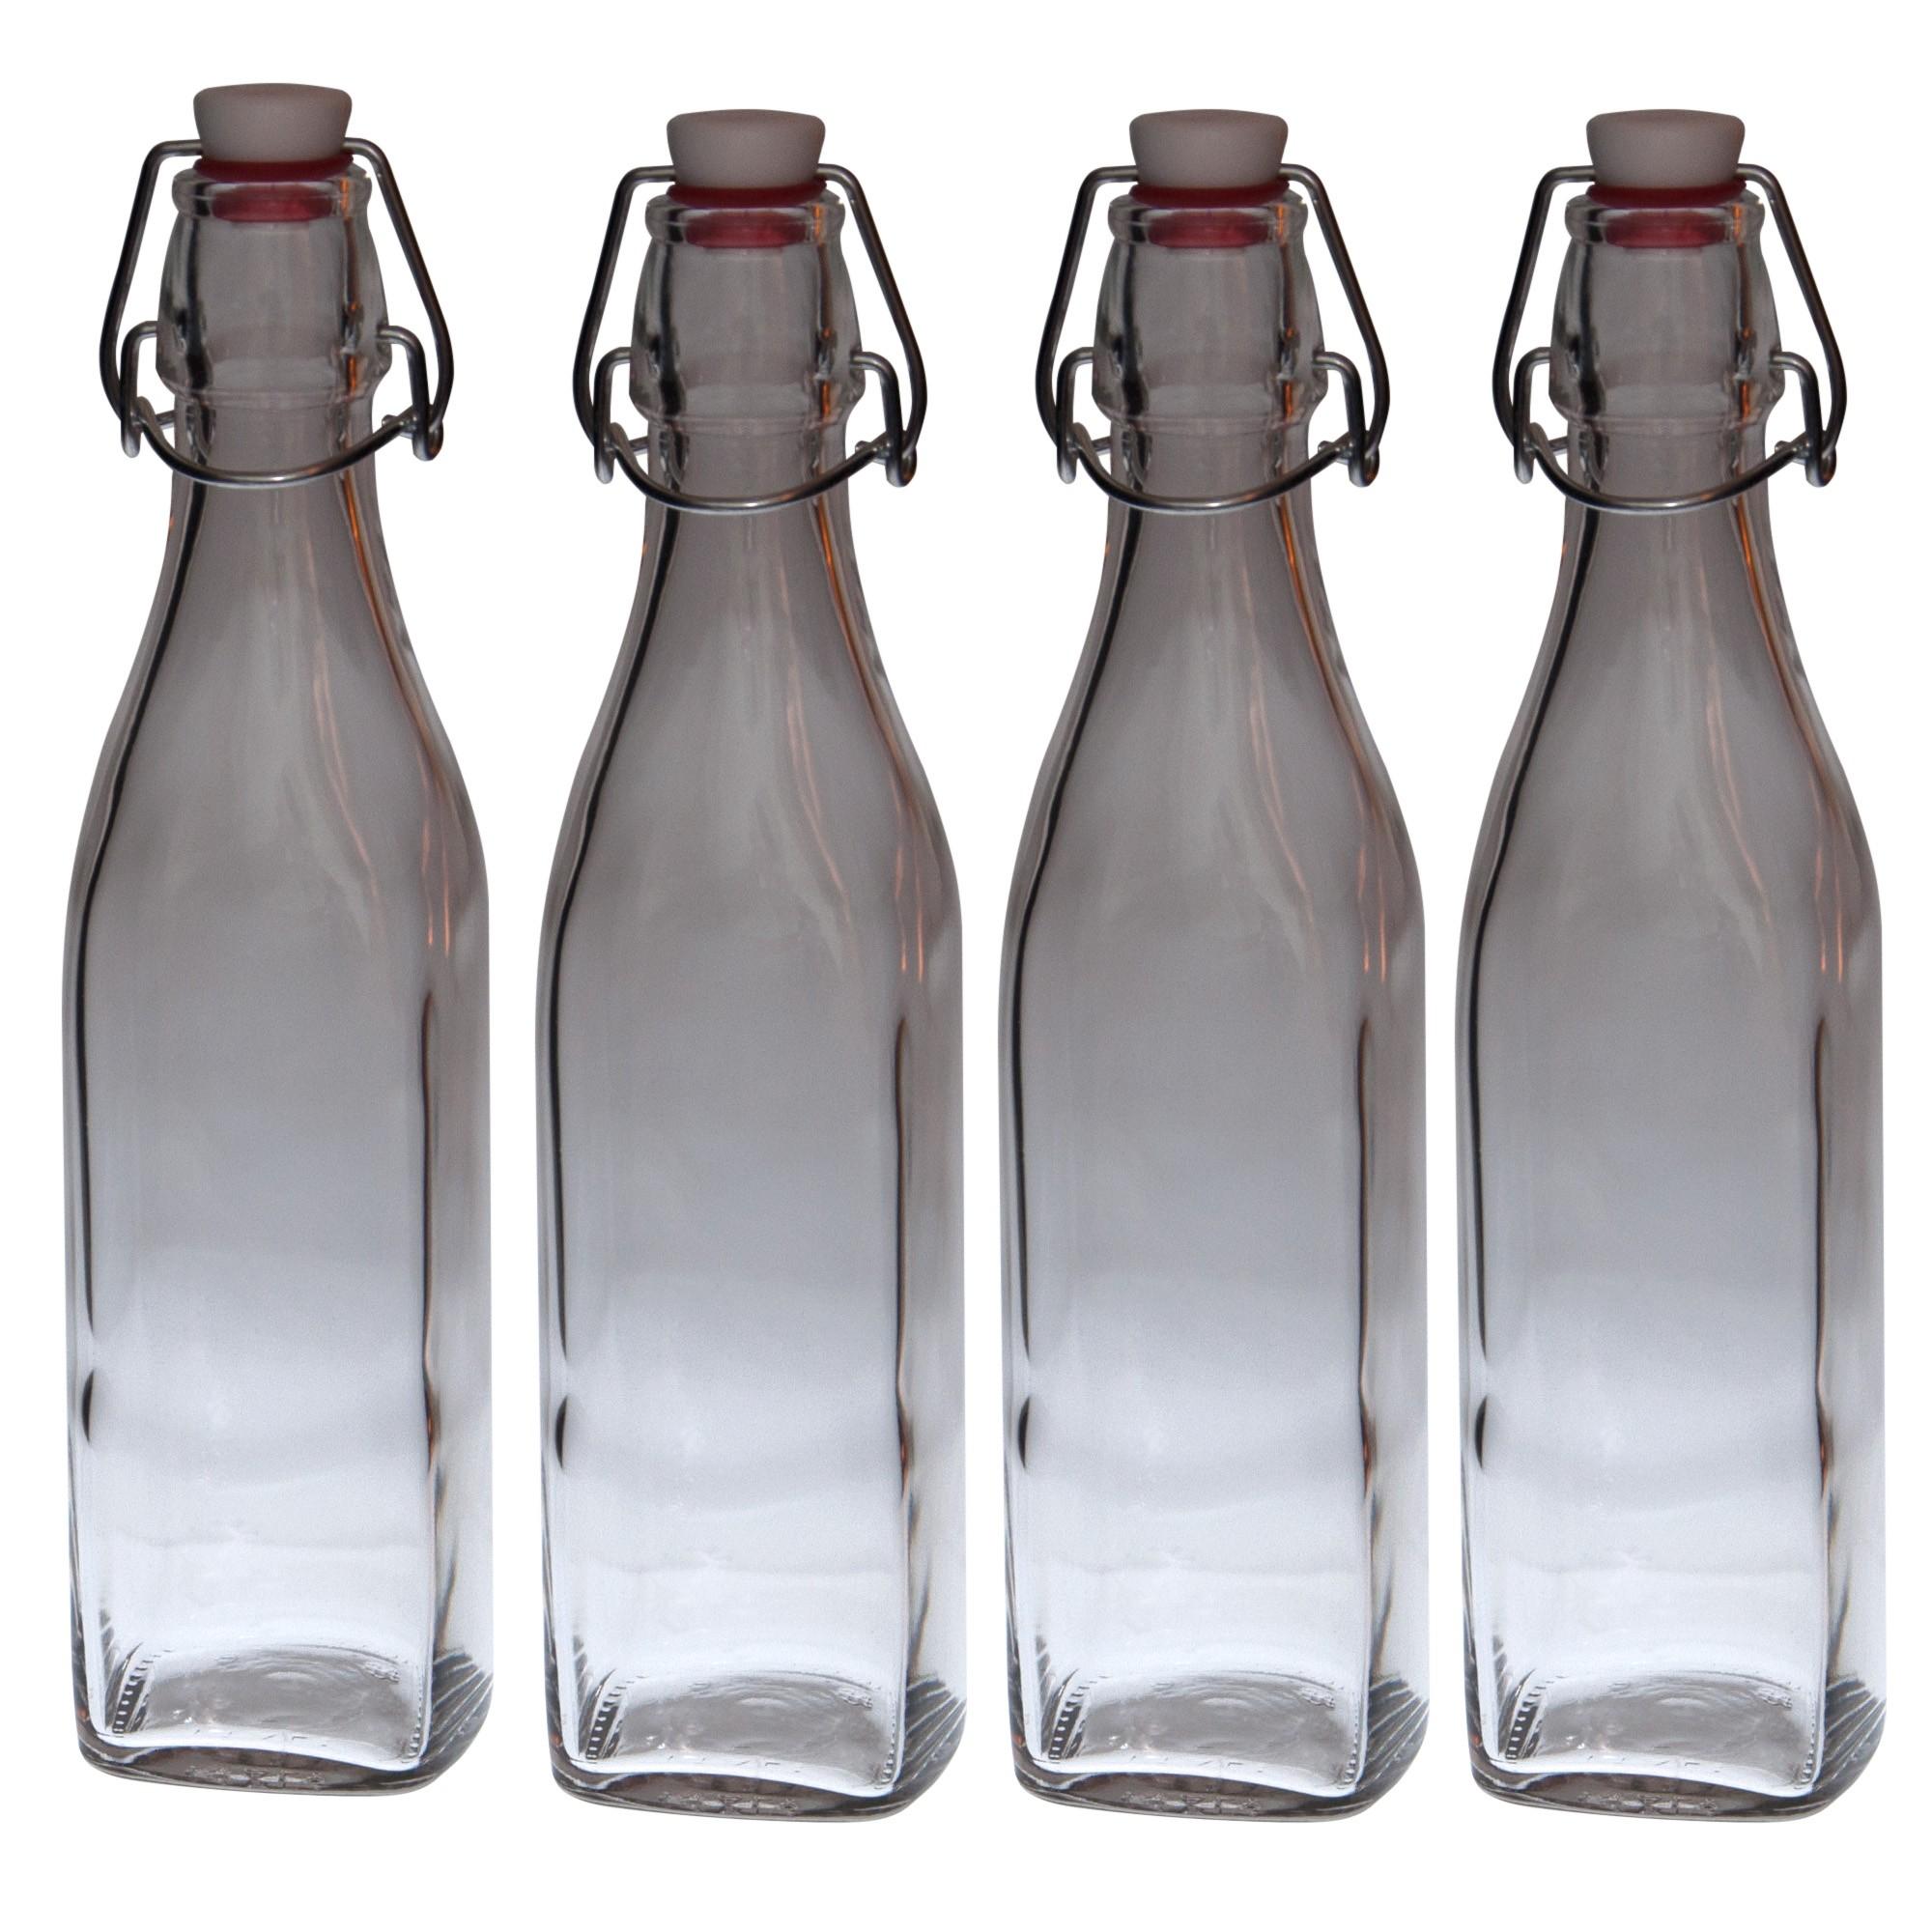 4er set glasflaschen serie swing mit b gelverschluss 0 50 liter glas flaschen. Black Bedroom Furniture Sets. Home Design Ideas